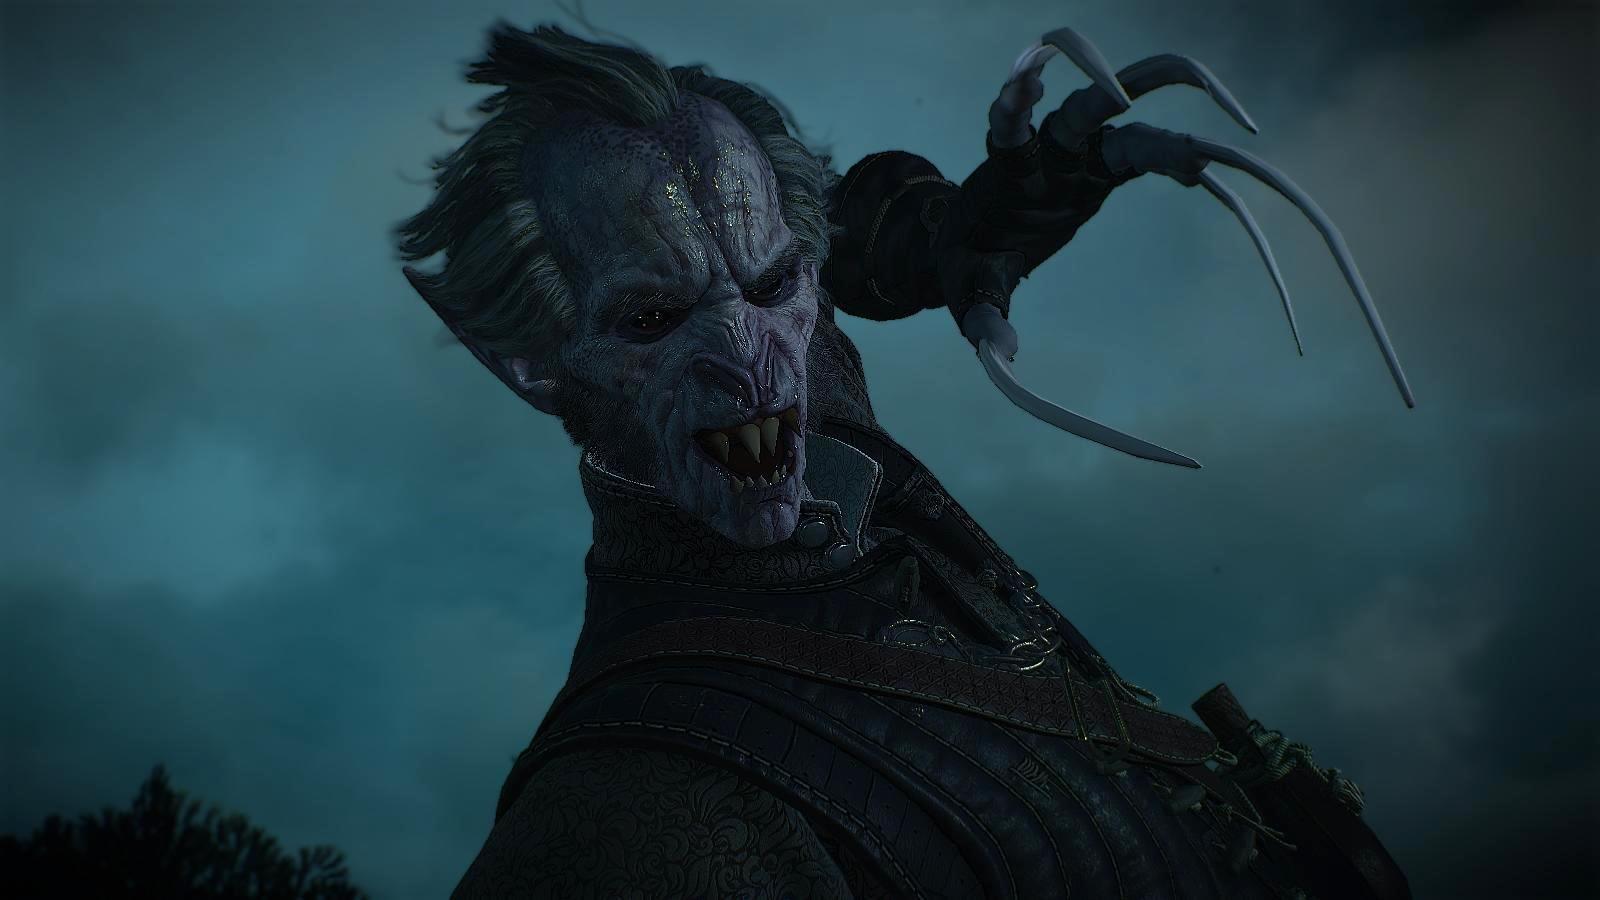 Регис: за Геральта! ) Ведьмак III (сборка Торна)